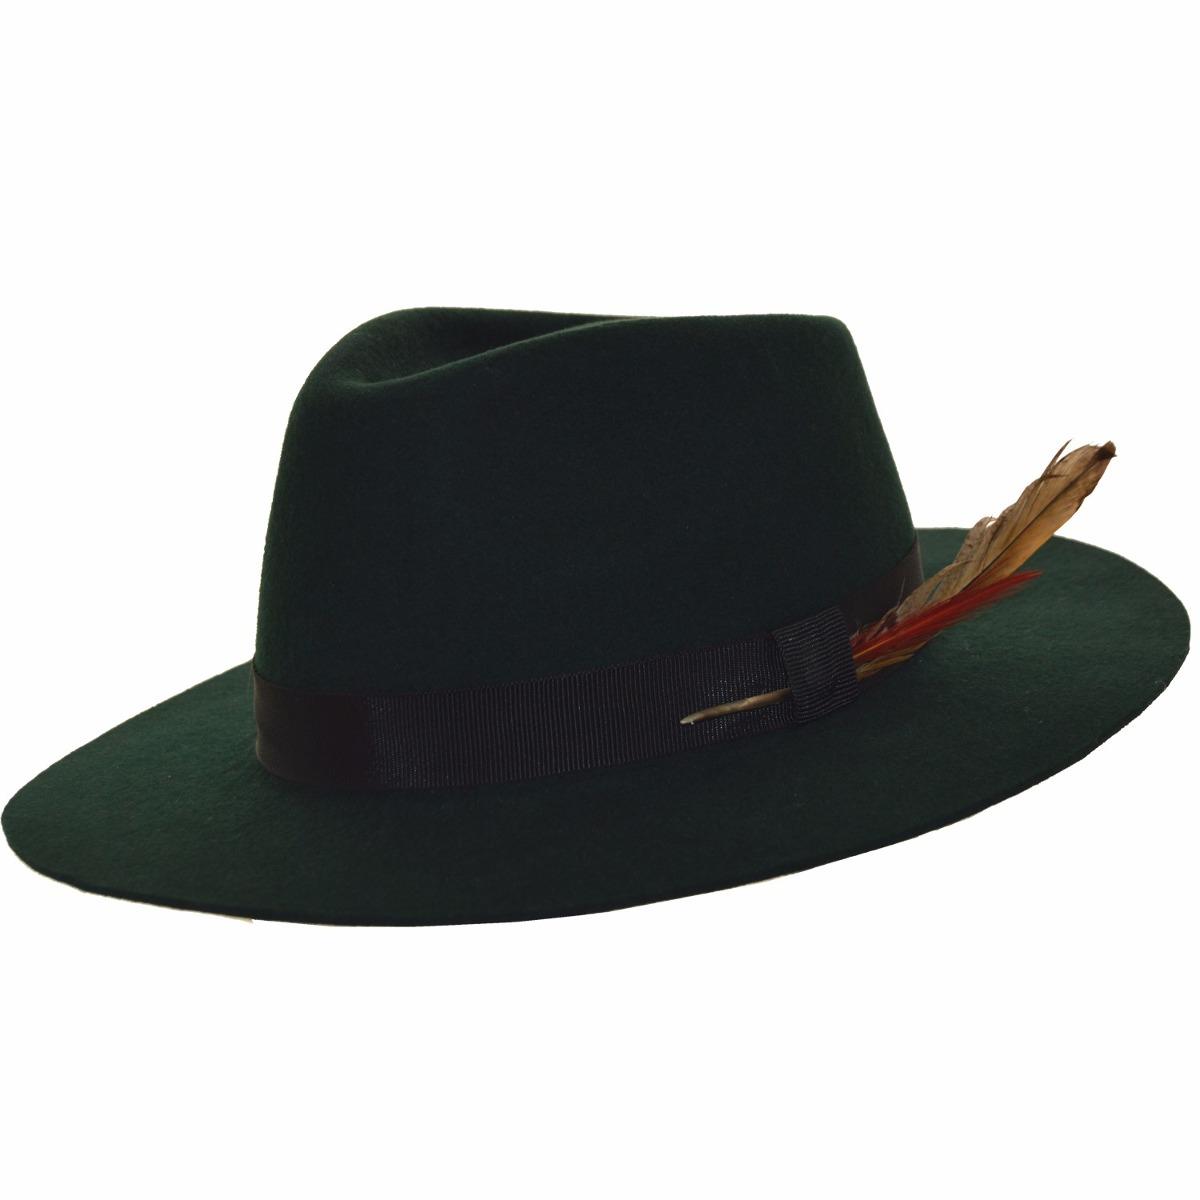 Sombrero Australiano Fieltro Compañia De Sombreros M61408804 ... 21f590824ec